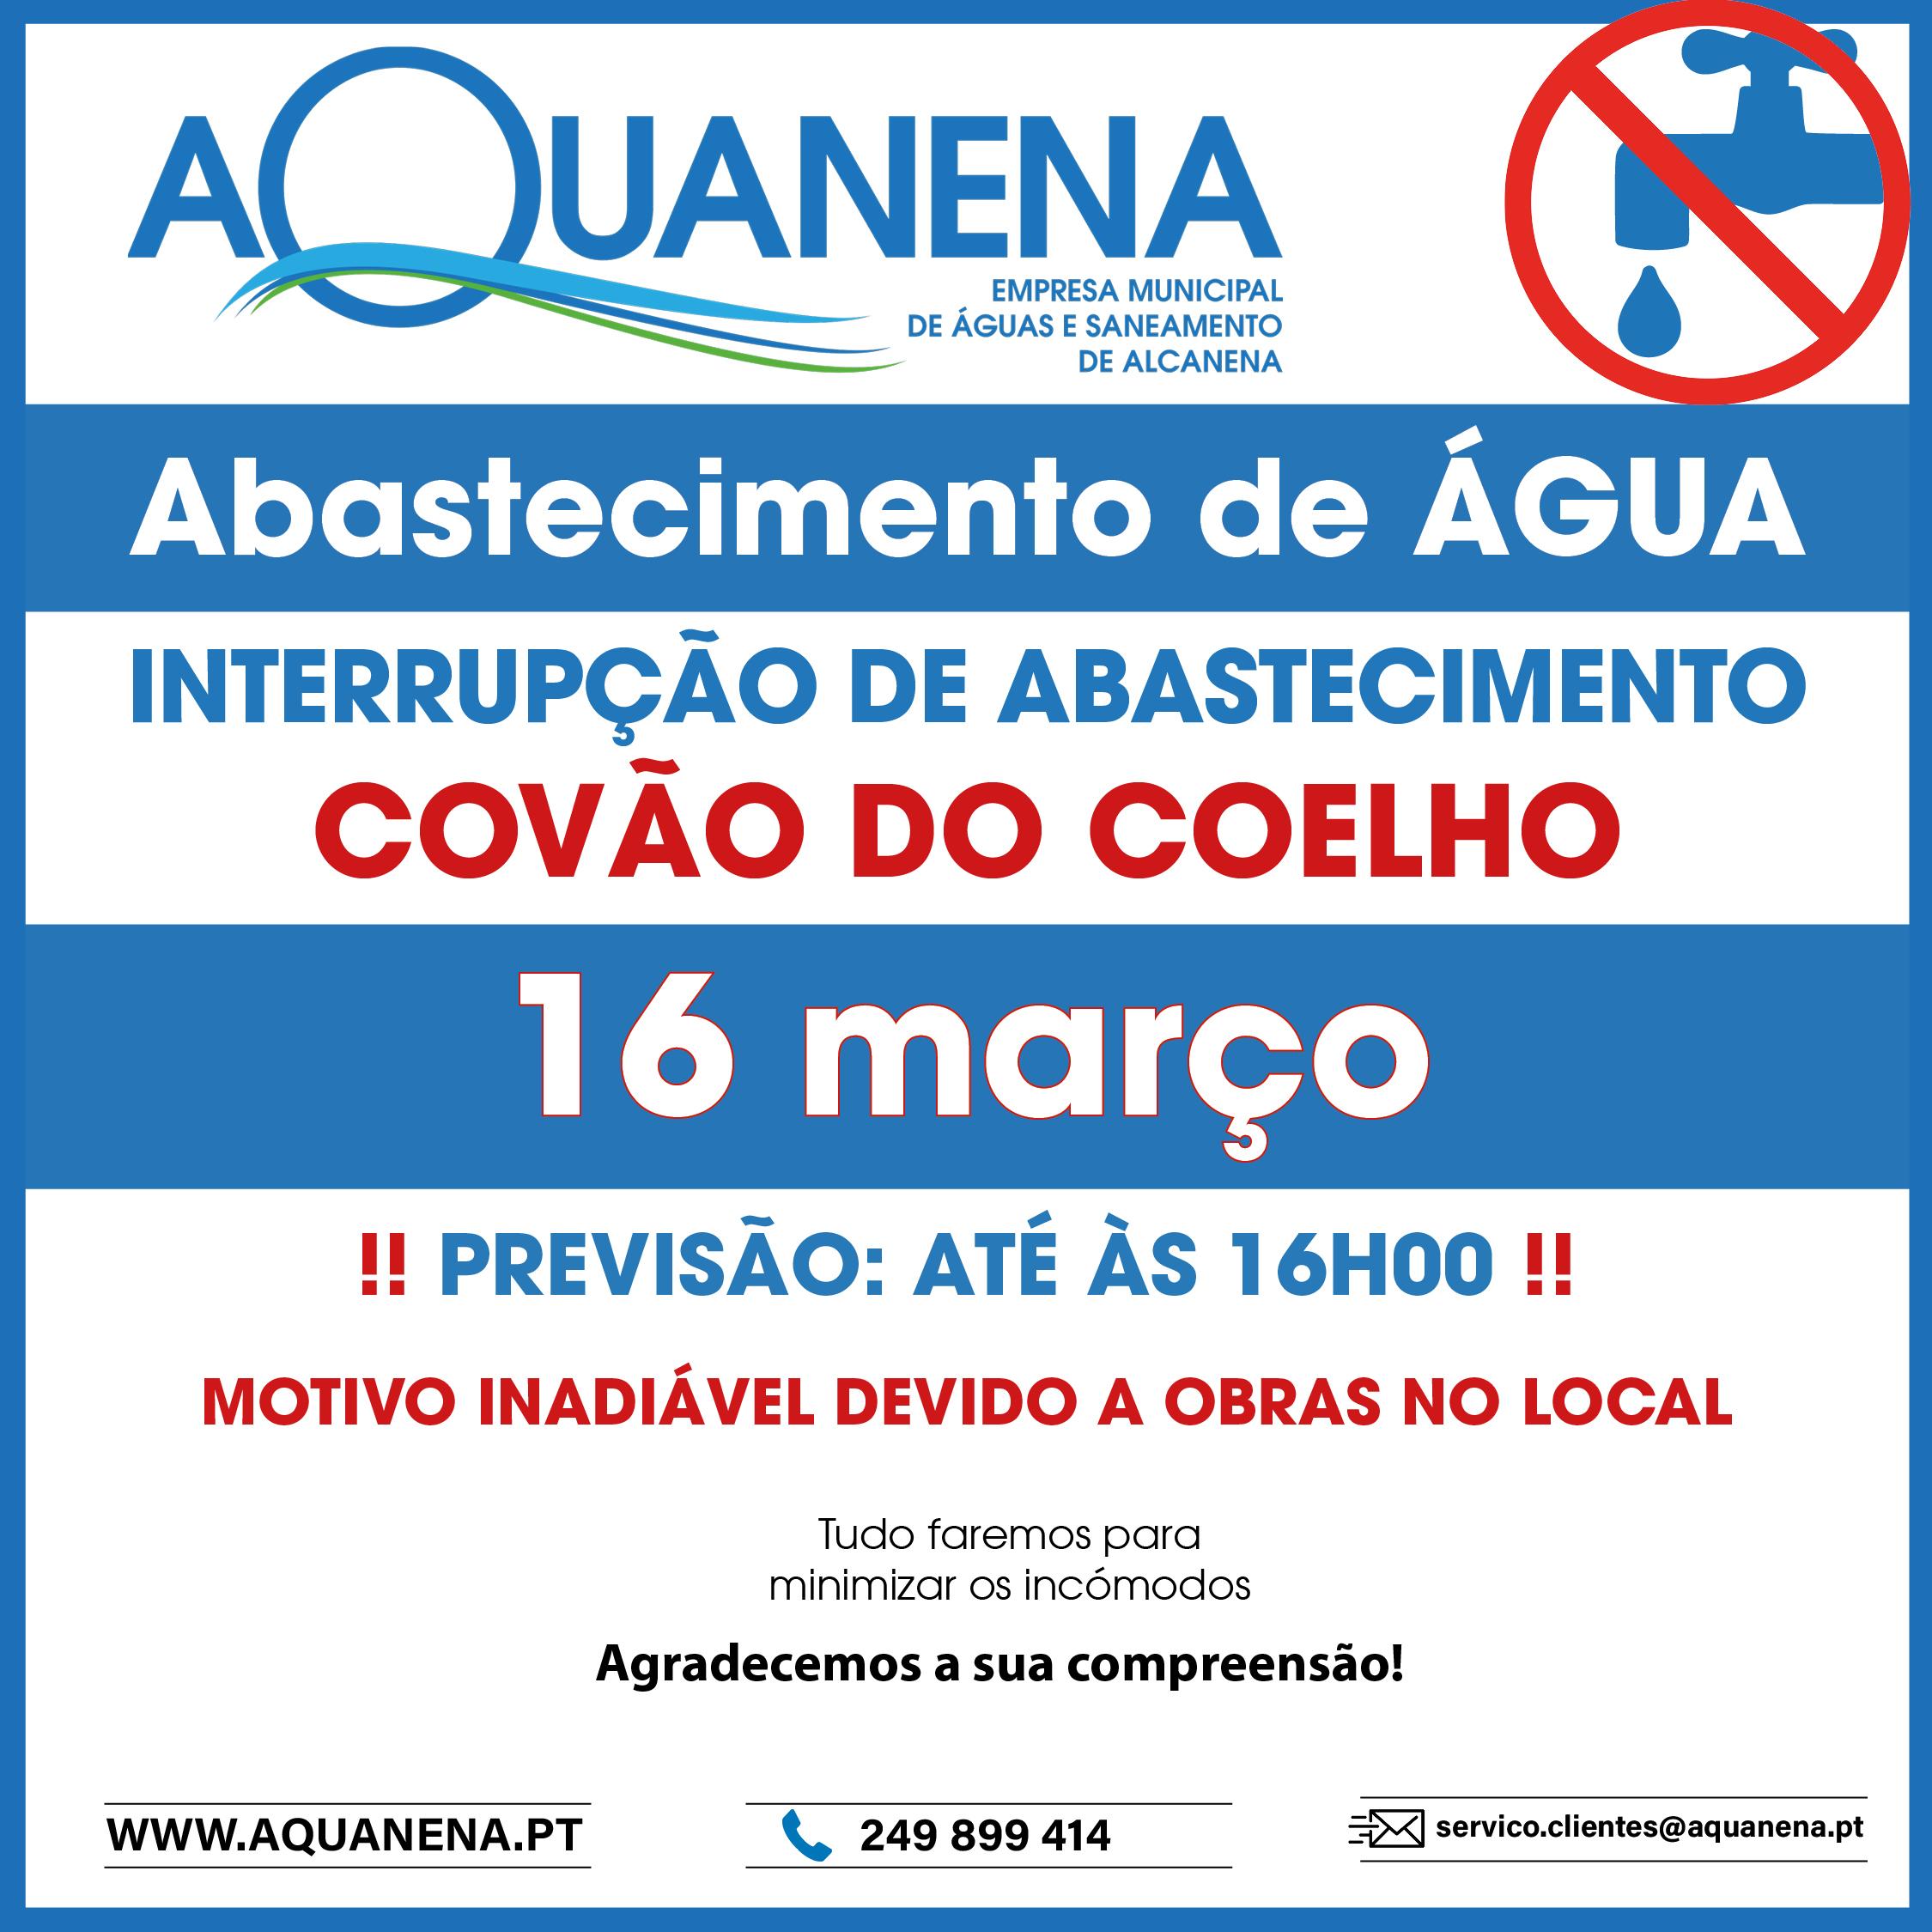 INTERRUPÇÃO de abastecimento de água em COVÃO DO COELHO | 16 MAR